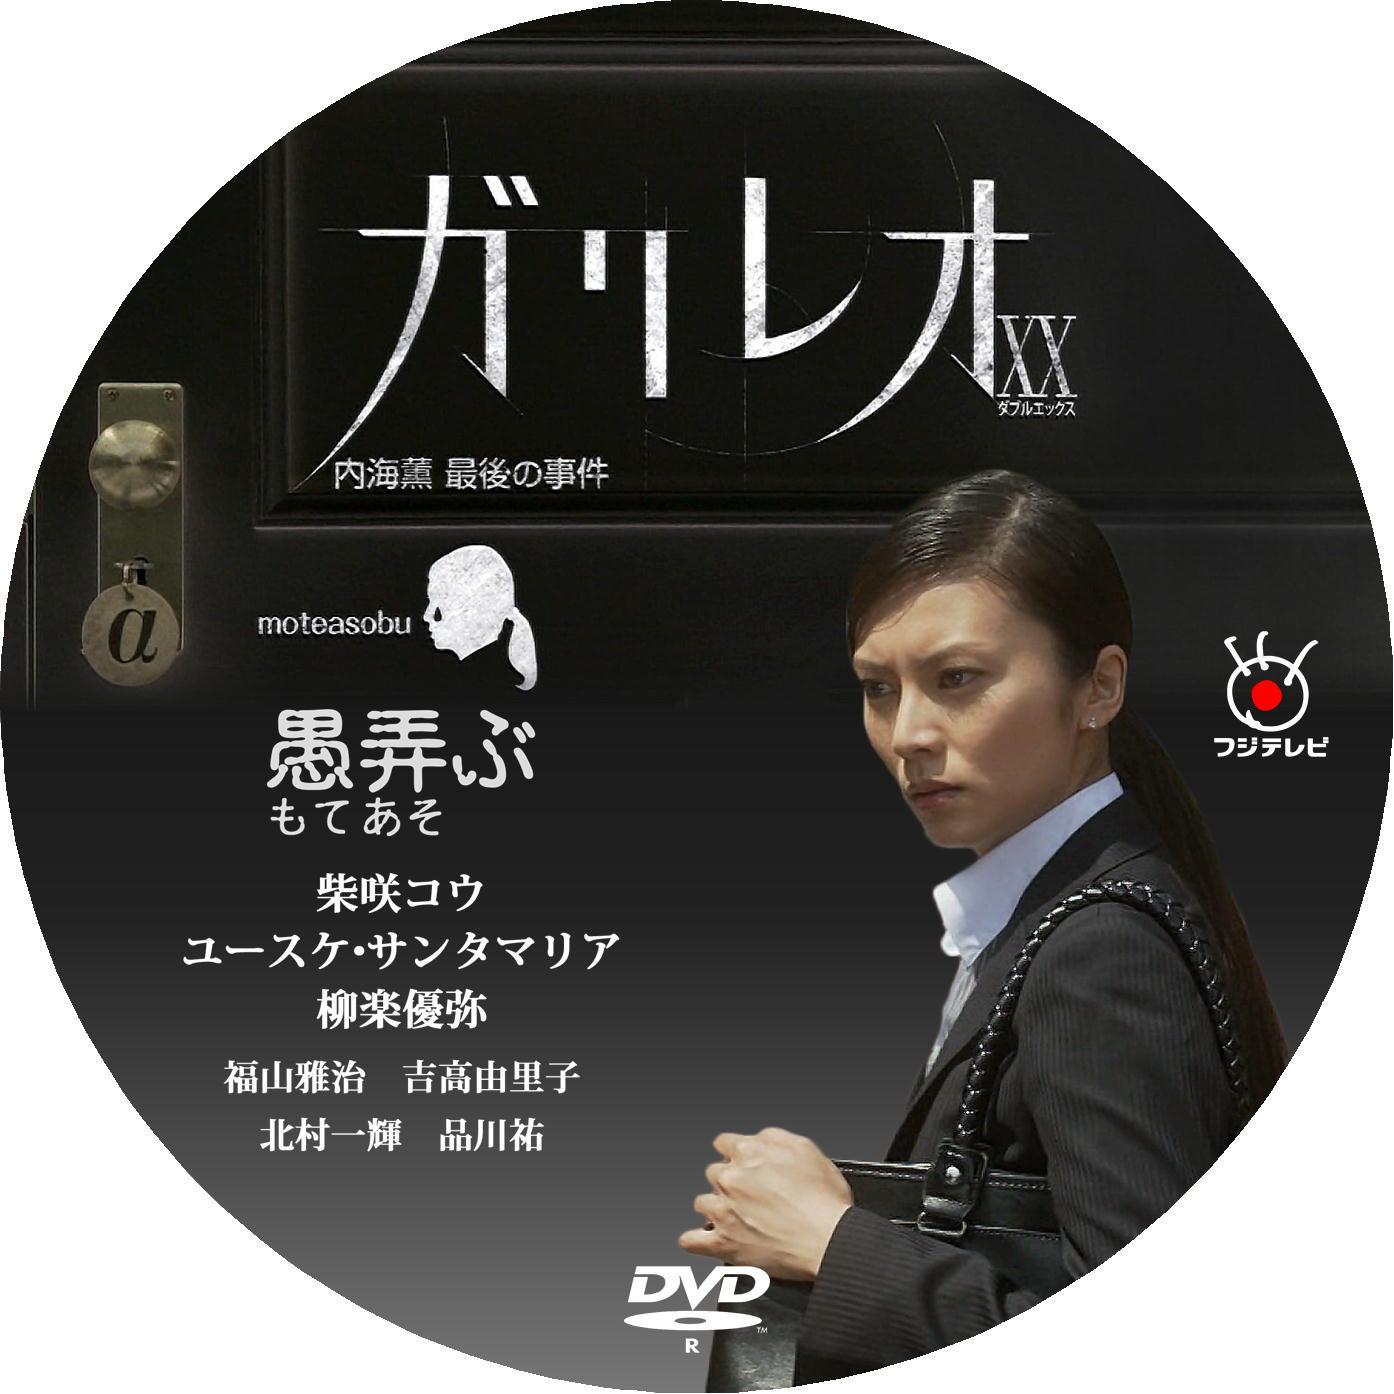 内海刑事 DVDラベル